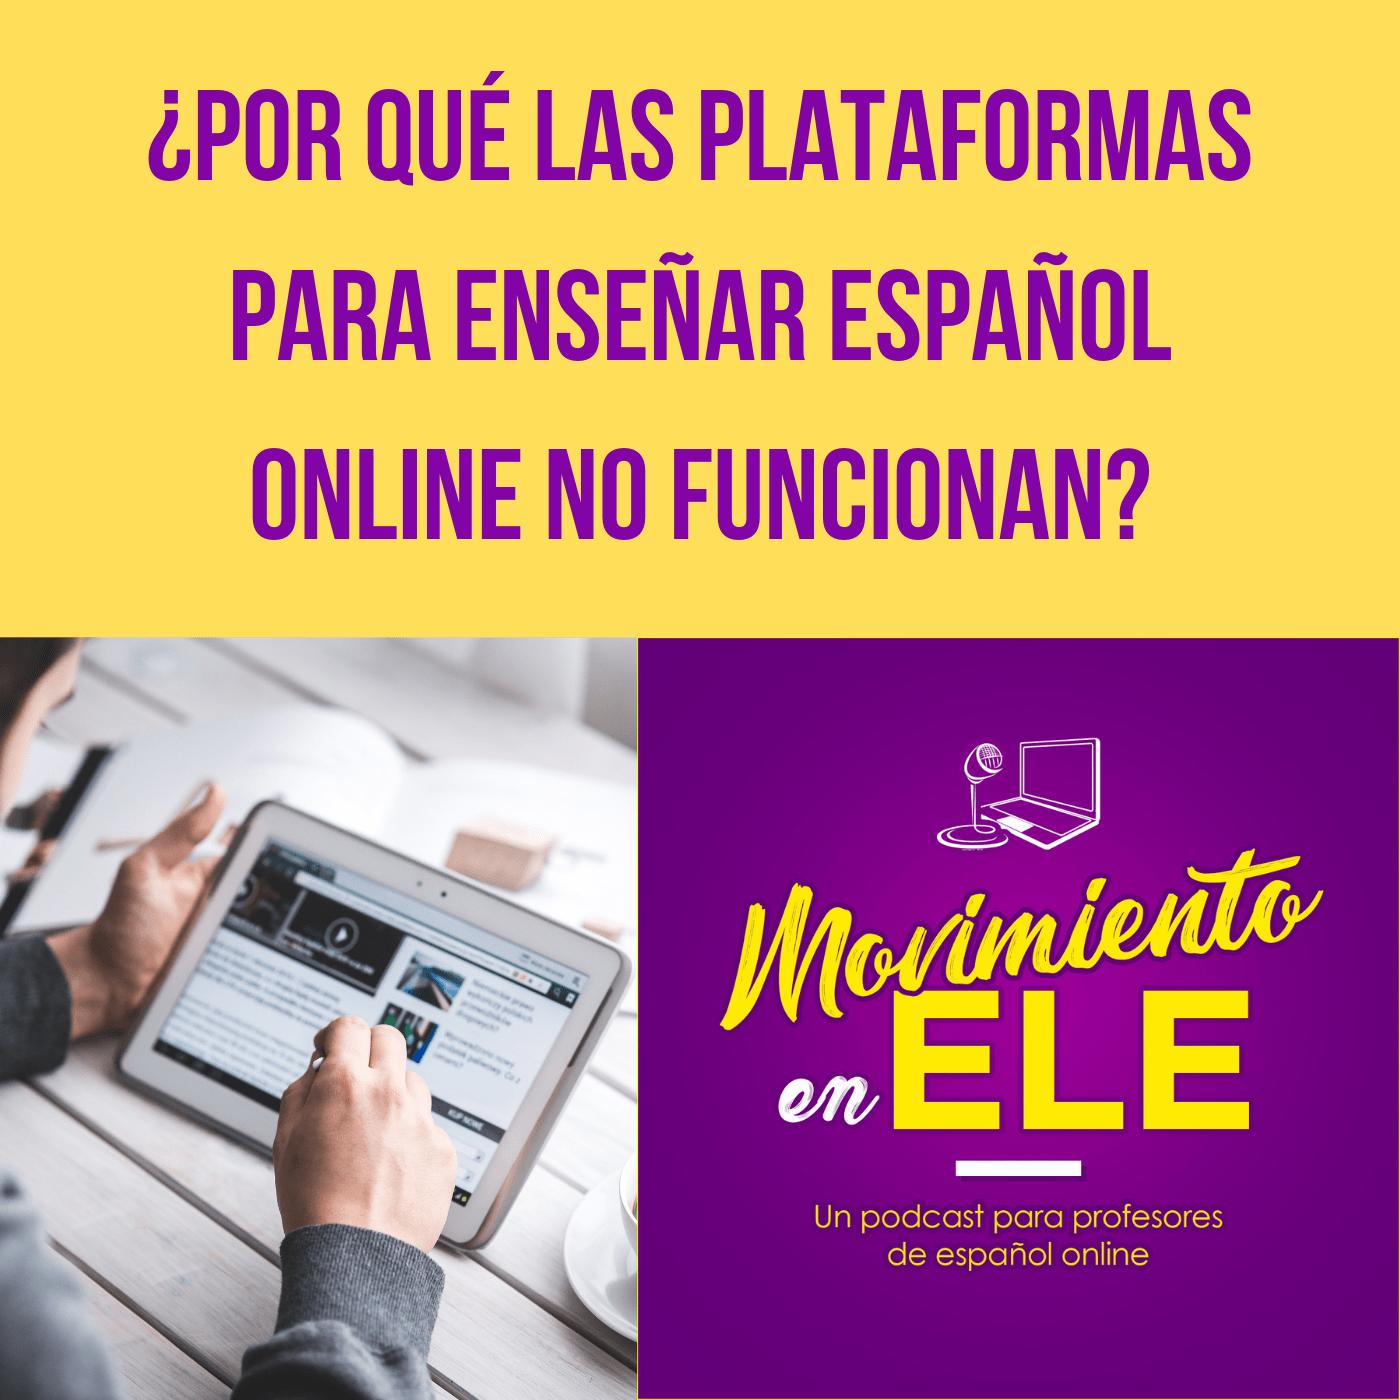 ¿Por qué las plataformas para enseñar español online (Italki, Verbling…) no funcionan?